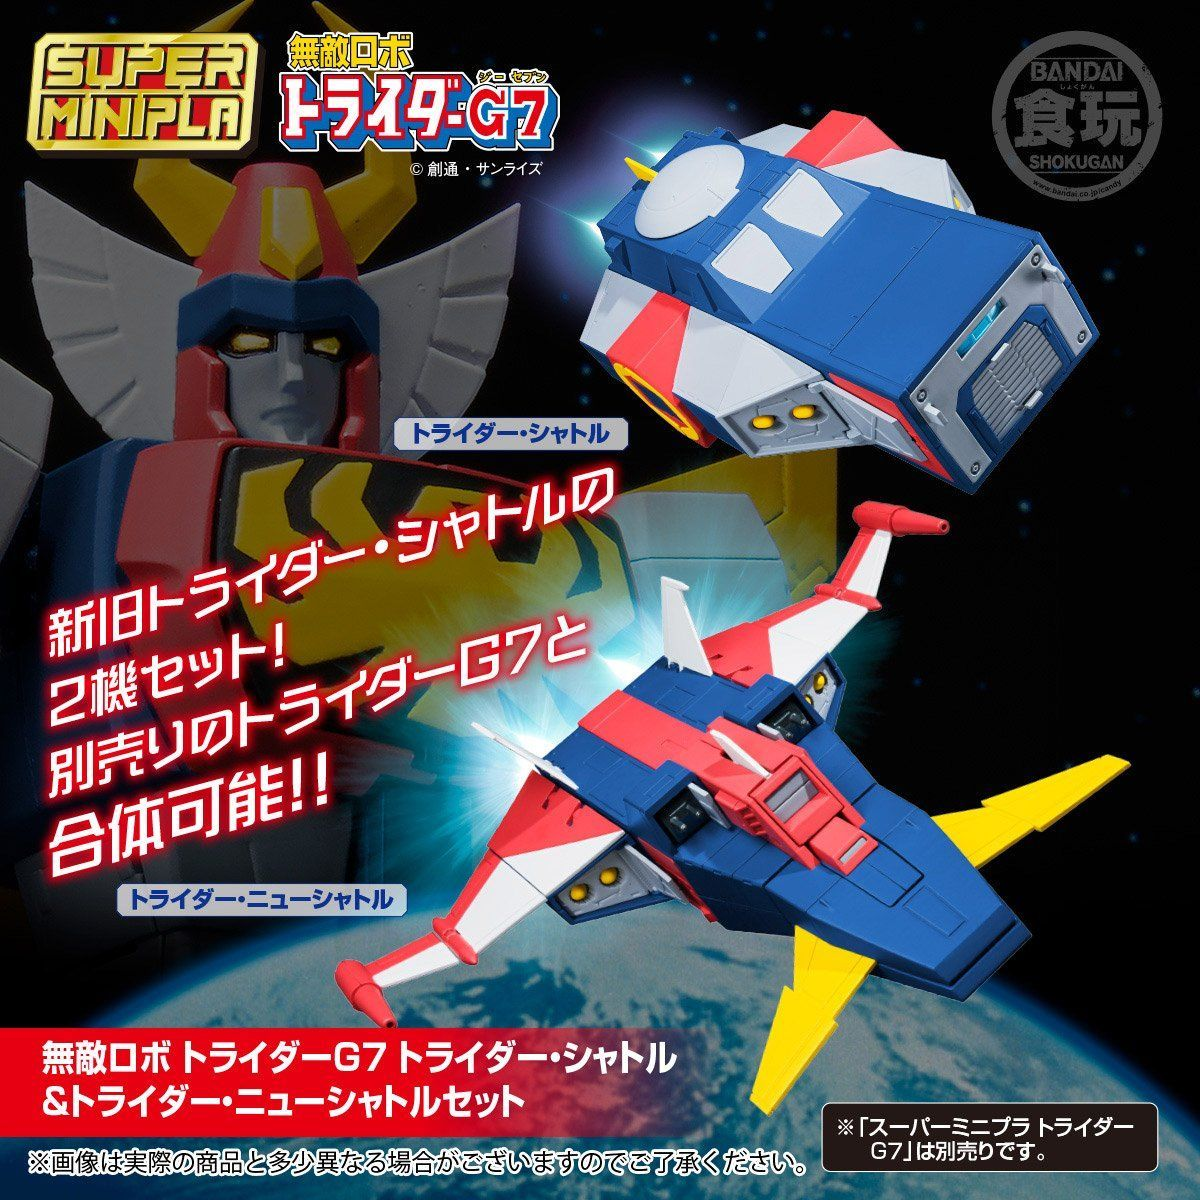 【食玩】スーパーミニプラ『無敵ロボ トライダーG7』3個入りBOX-012